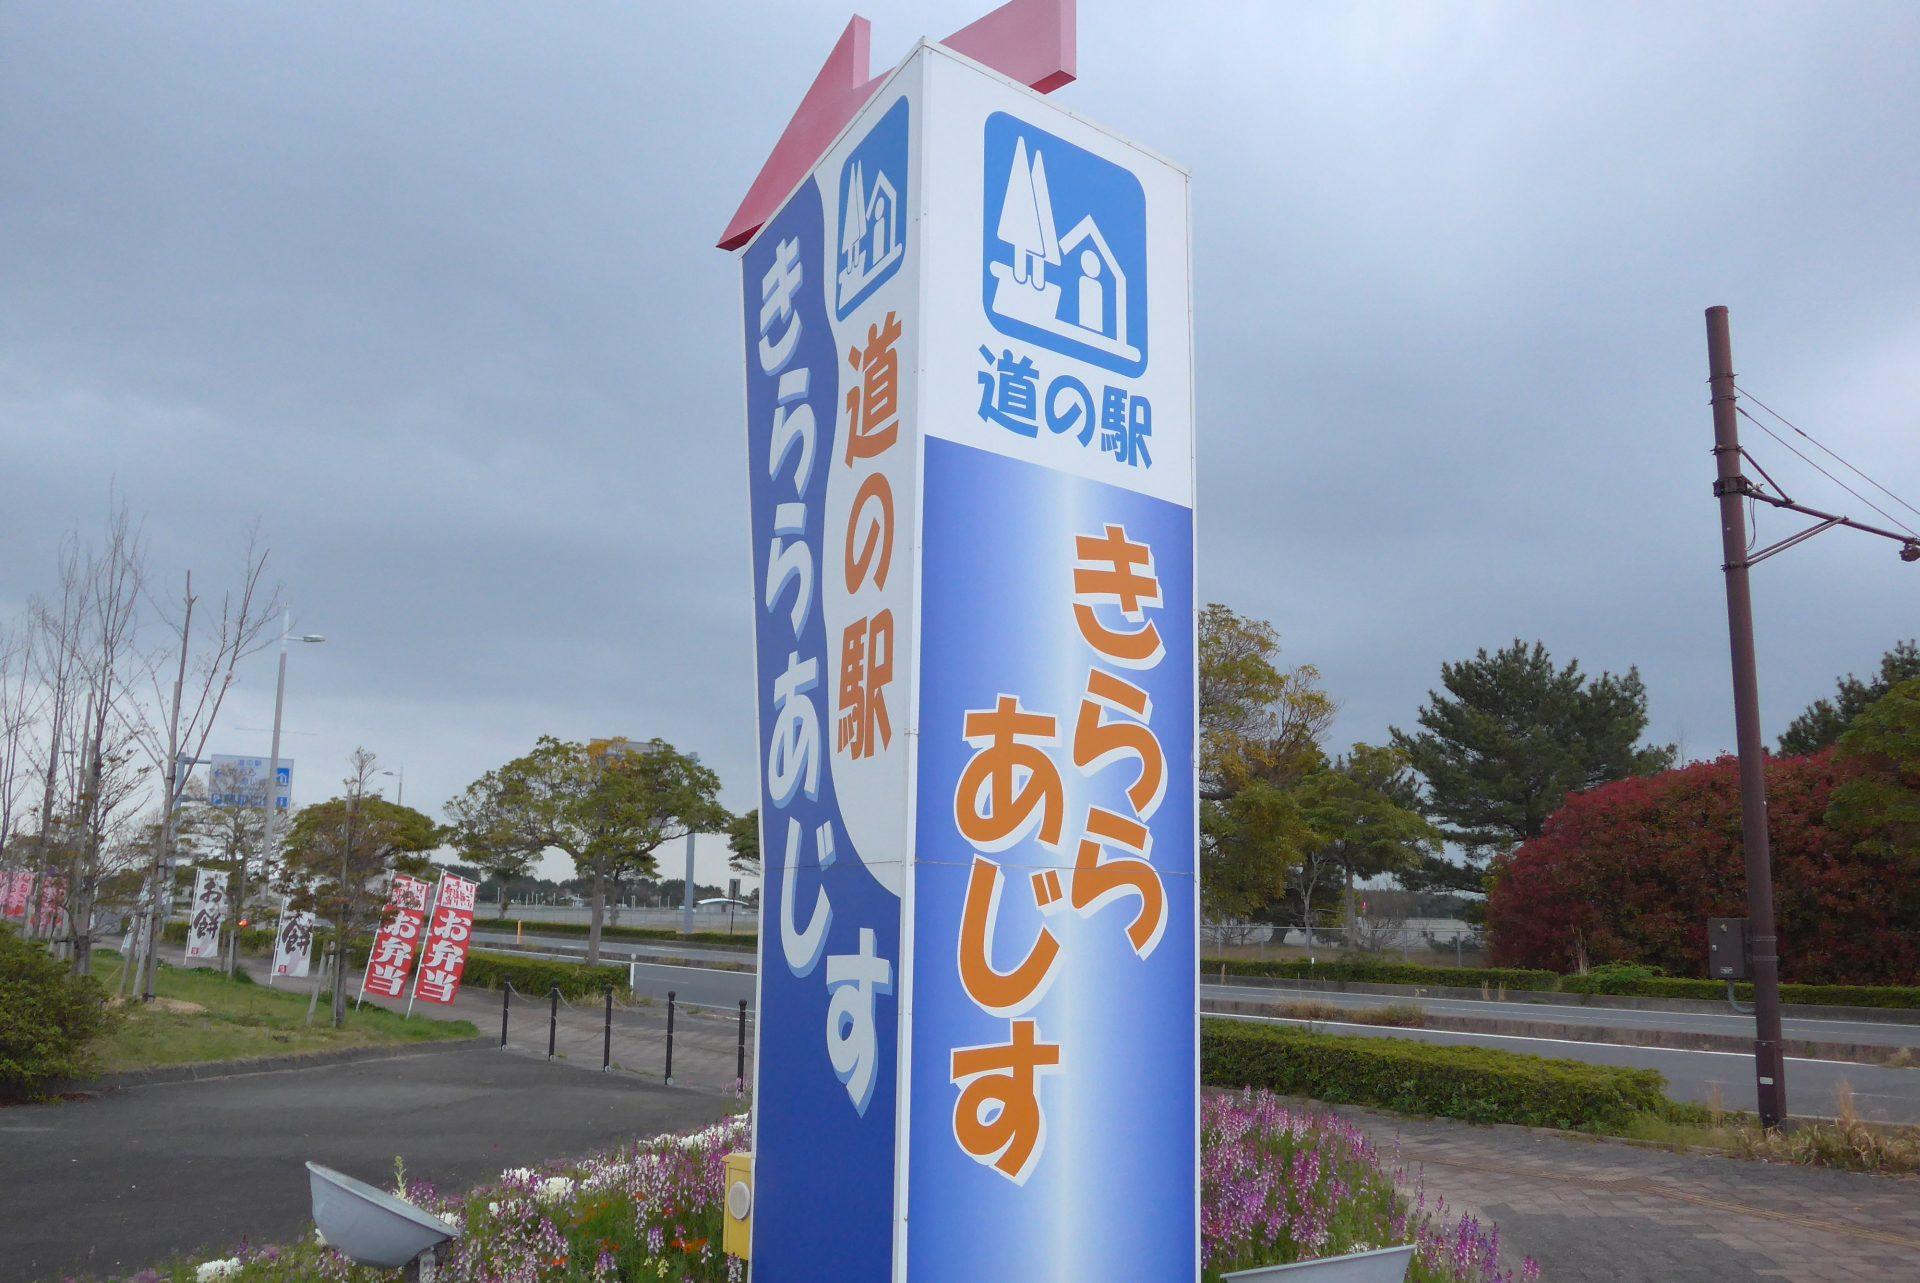 (K)道の駅きららあじすの車中泊〜安眠できる広大感ある道の駅!